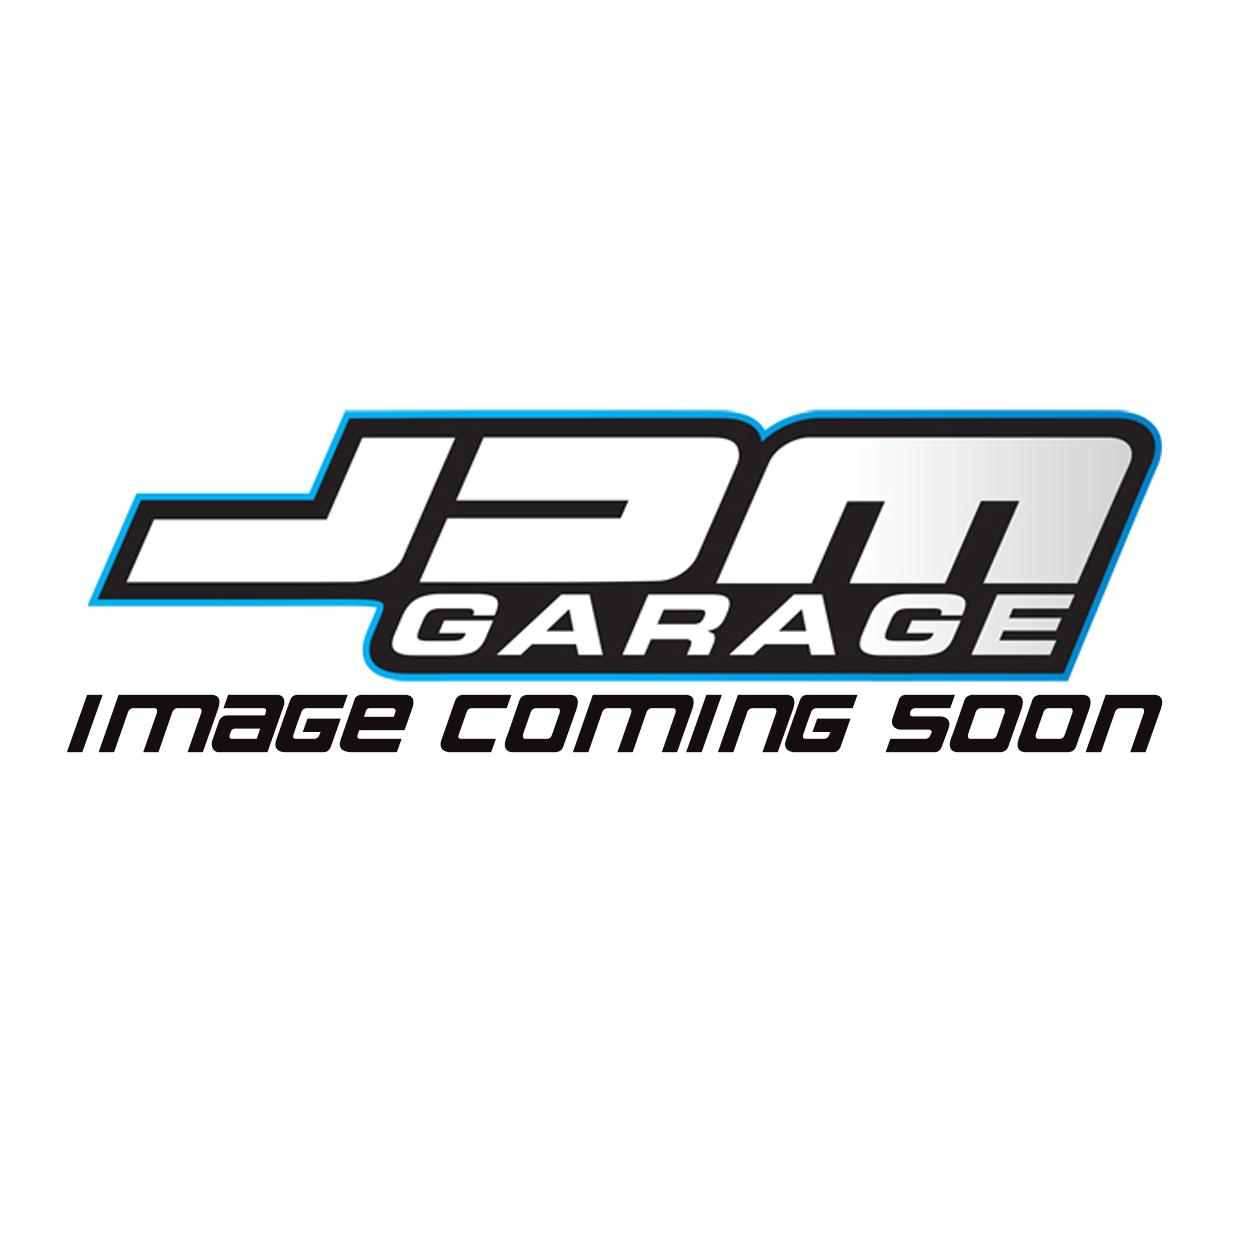 Genuine OEM Nissan Crankshaft Assembly For R35 GTR 2009-2017 VR38DETT 12201-JF00A